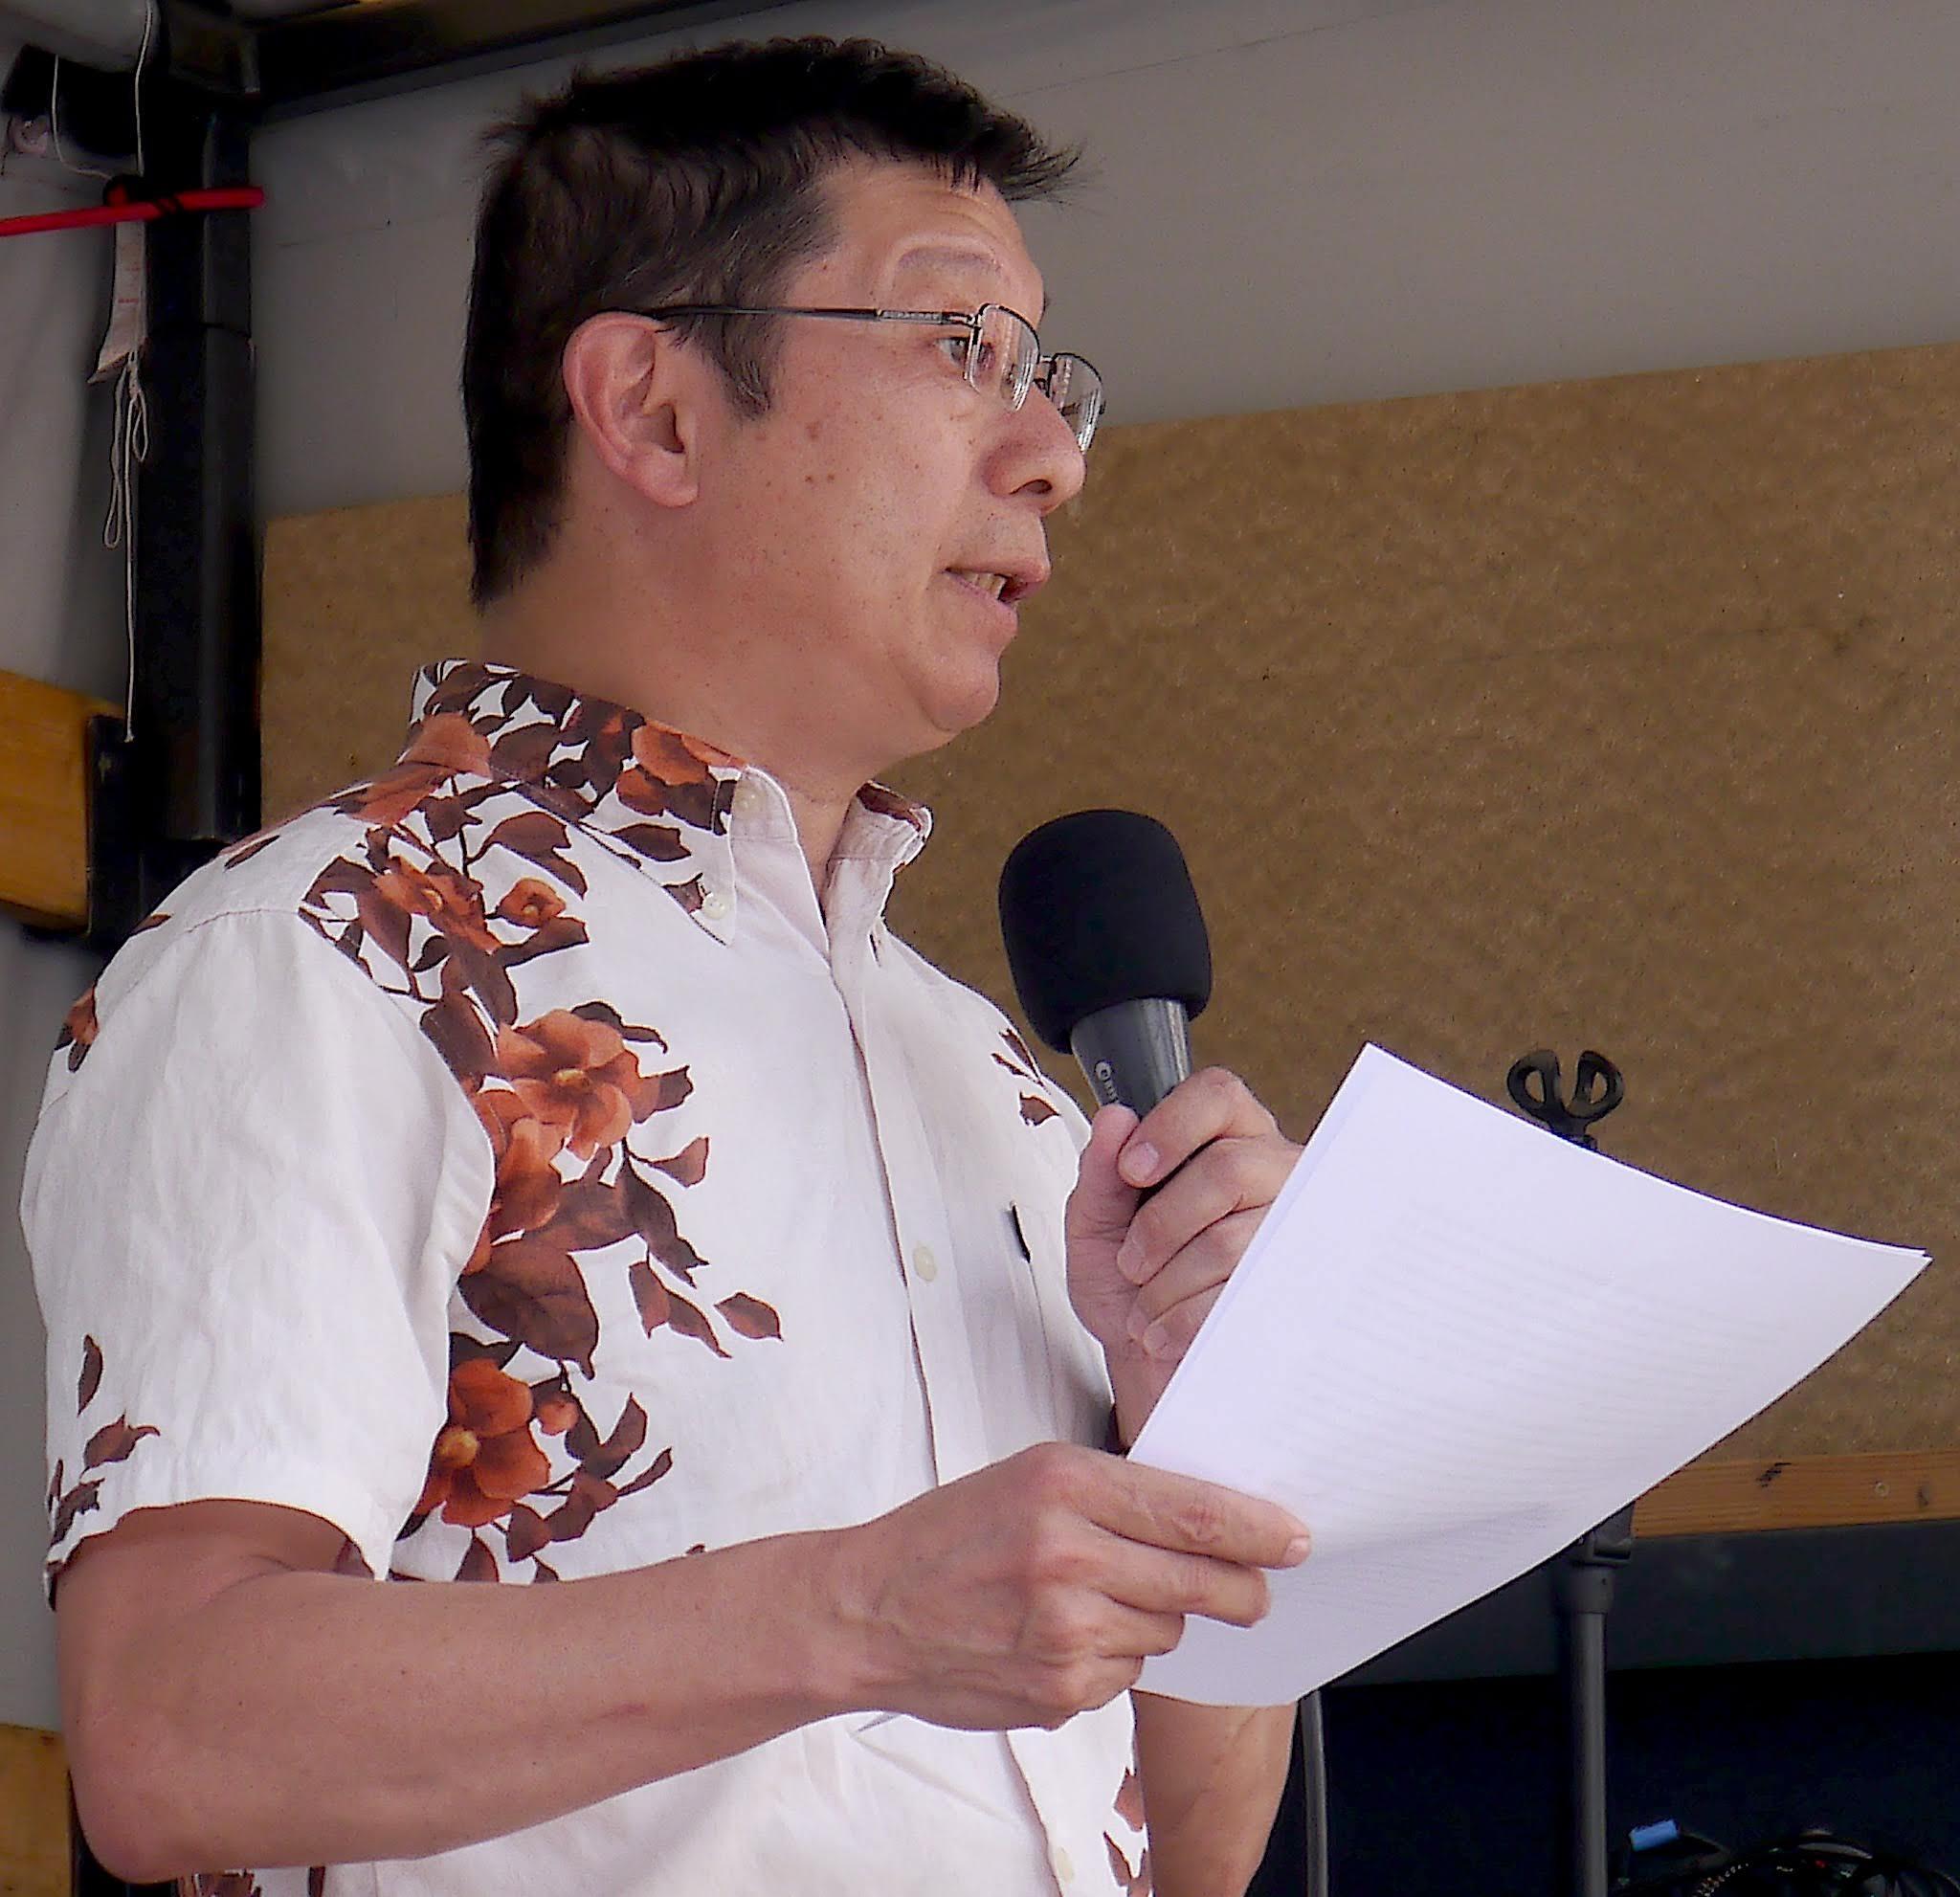 Ein ernster Mann mit dichten, schwarzen kurzen Haaren und Brille, der ein Blatt Papier in der Hand hält und ein kurzärmliges weißes Hemd mit Blumenverzierungen trägt, spricht in ein Mikro.